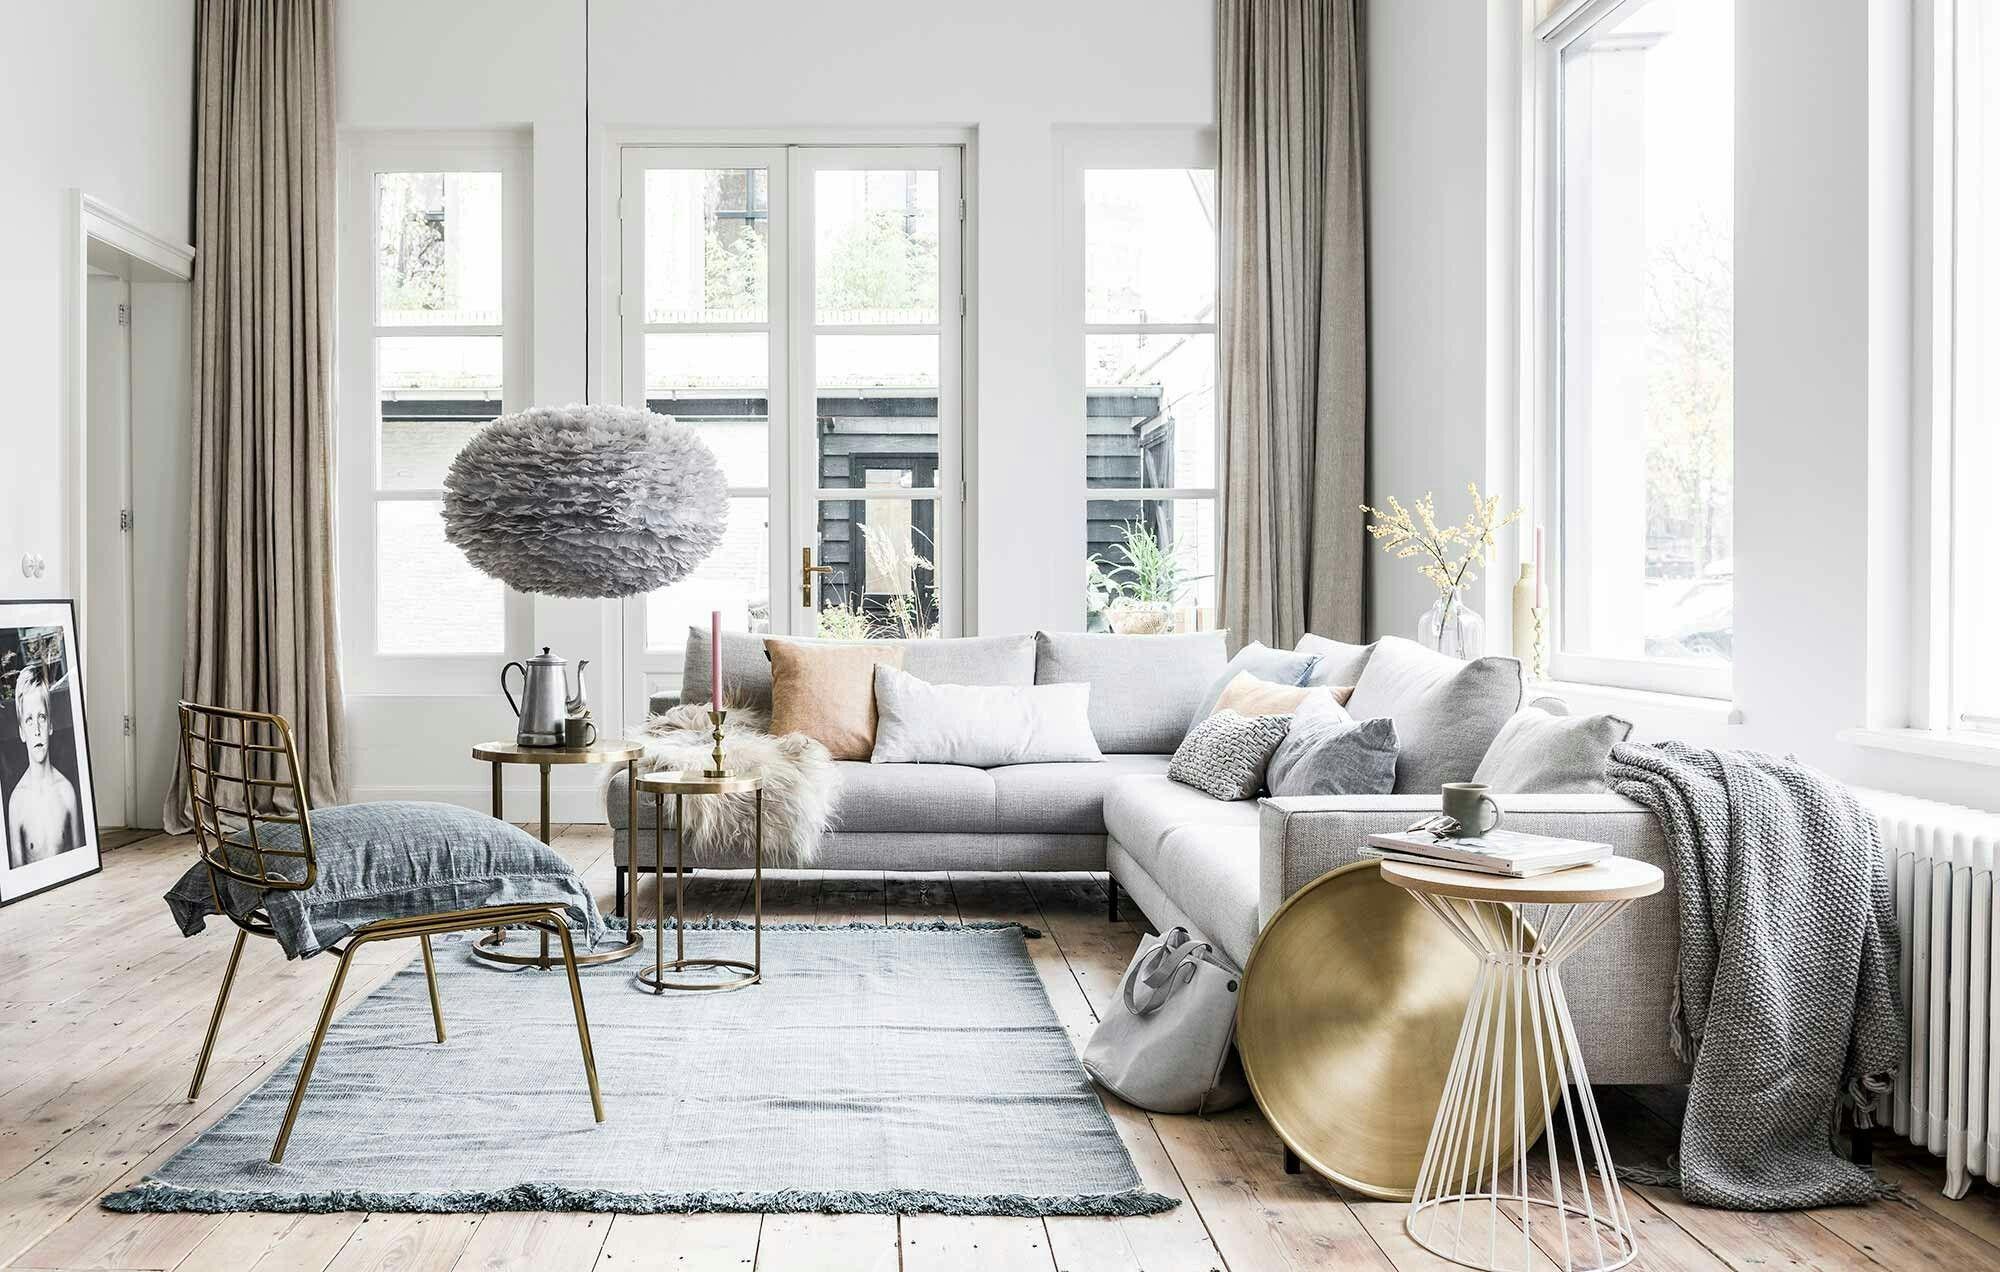 Interior design-ideen wohnzimmer mit tv pin by els goessens on woonkamer ideen  pinterest